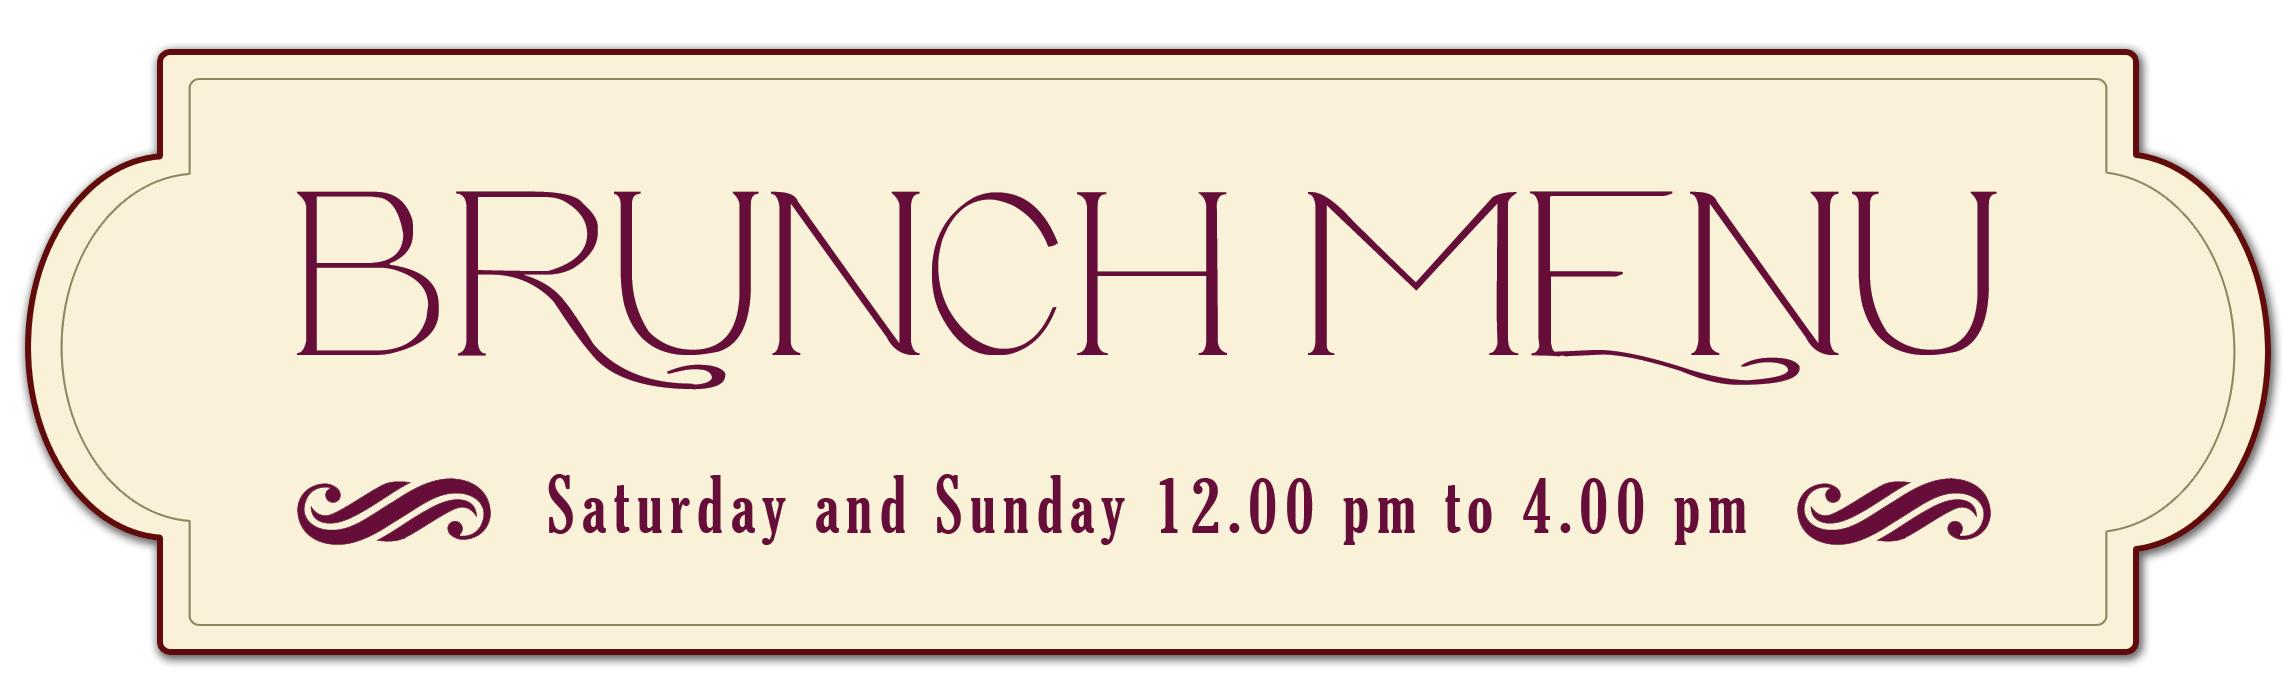 brunch-menu-label